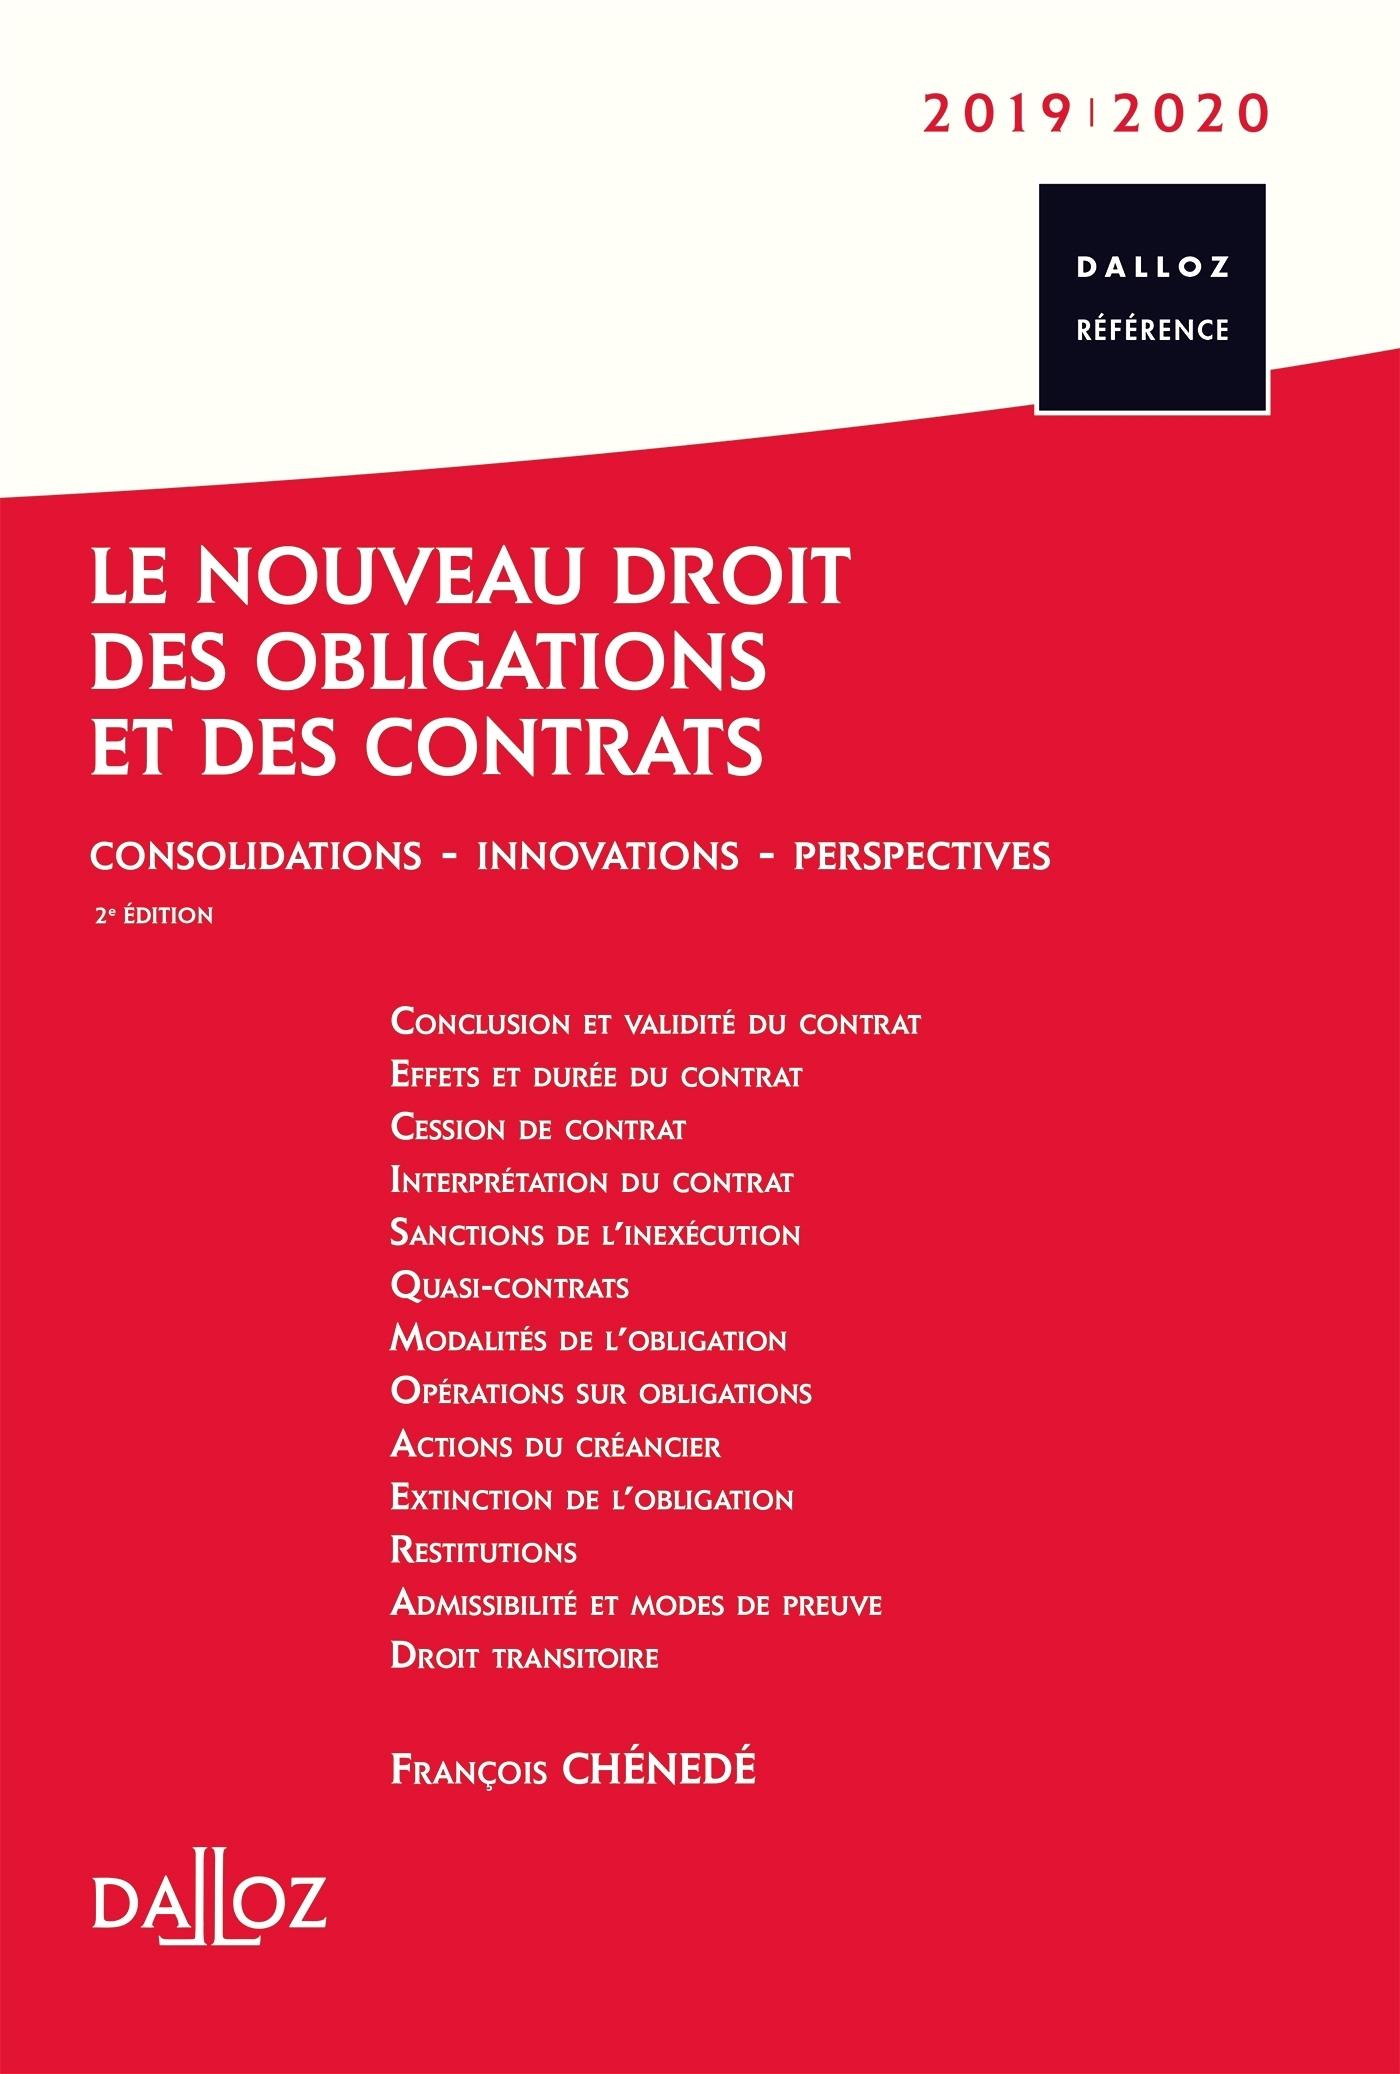 LE NOUVEAU DROIT DES OBLIGATIONS ET DES CONTRATS 2019/20 - 2E ED. - CONSOLIDATIONS - INNOVATIONS - P